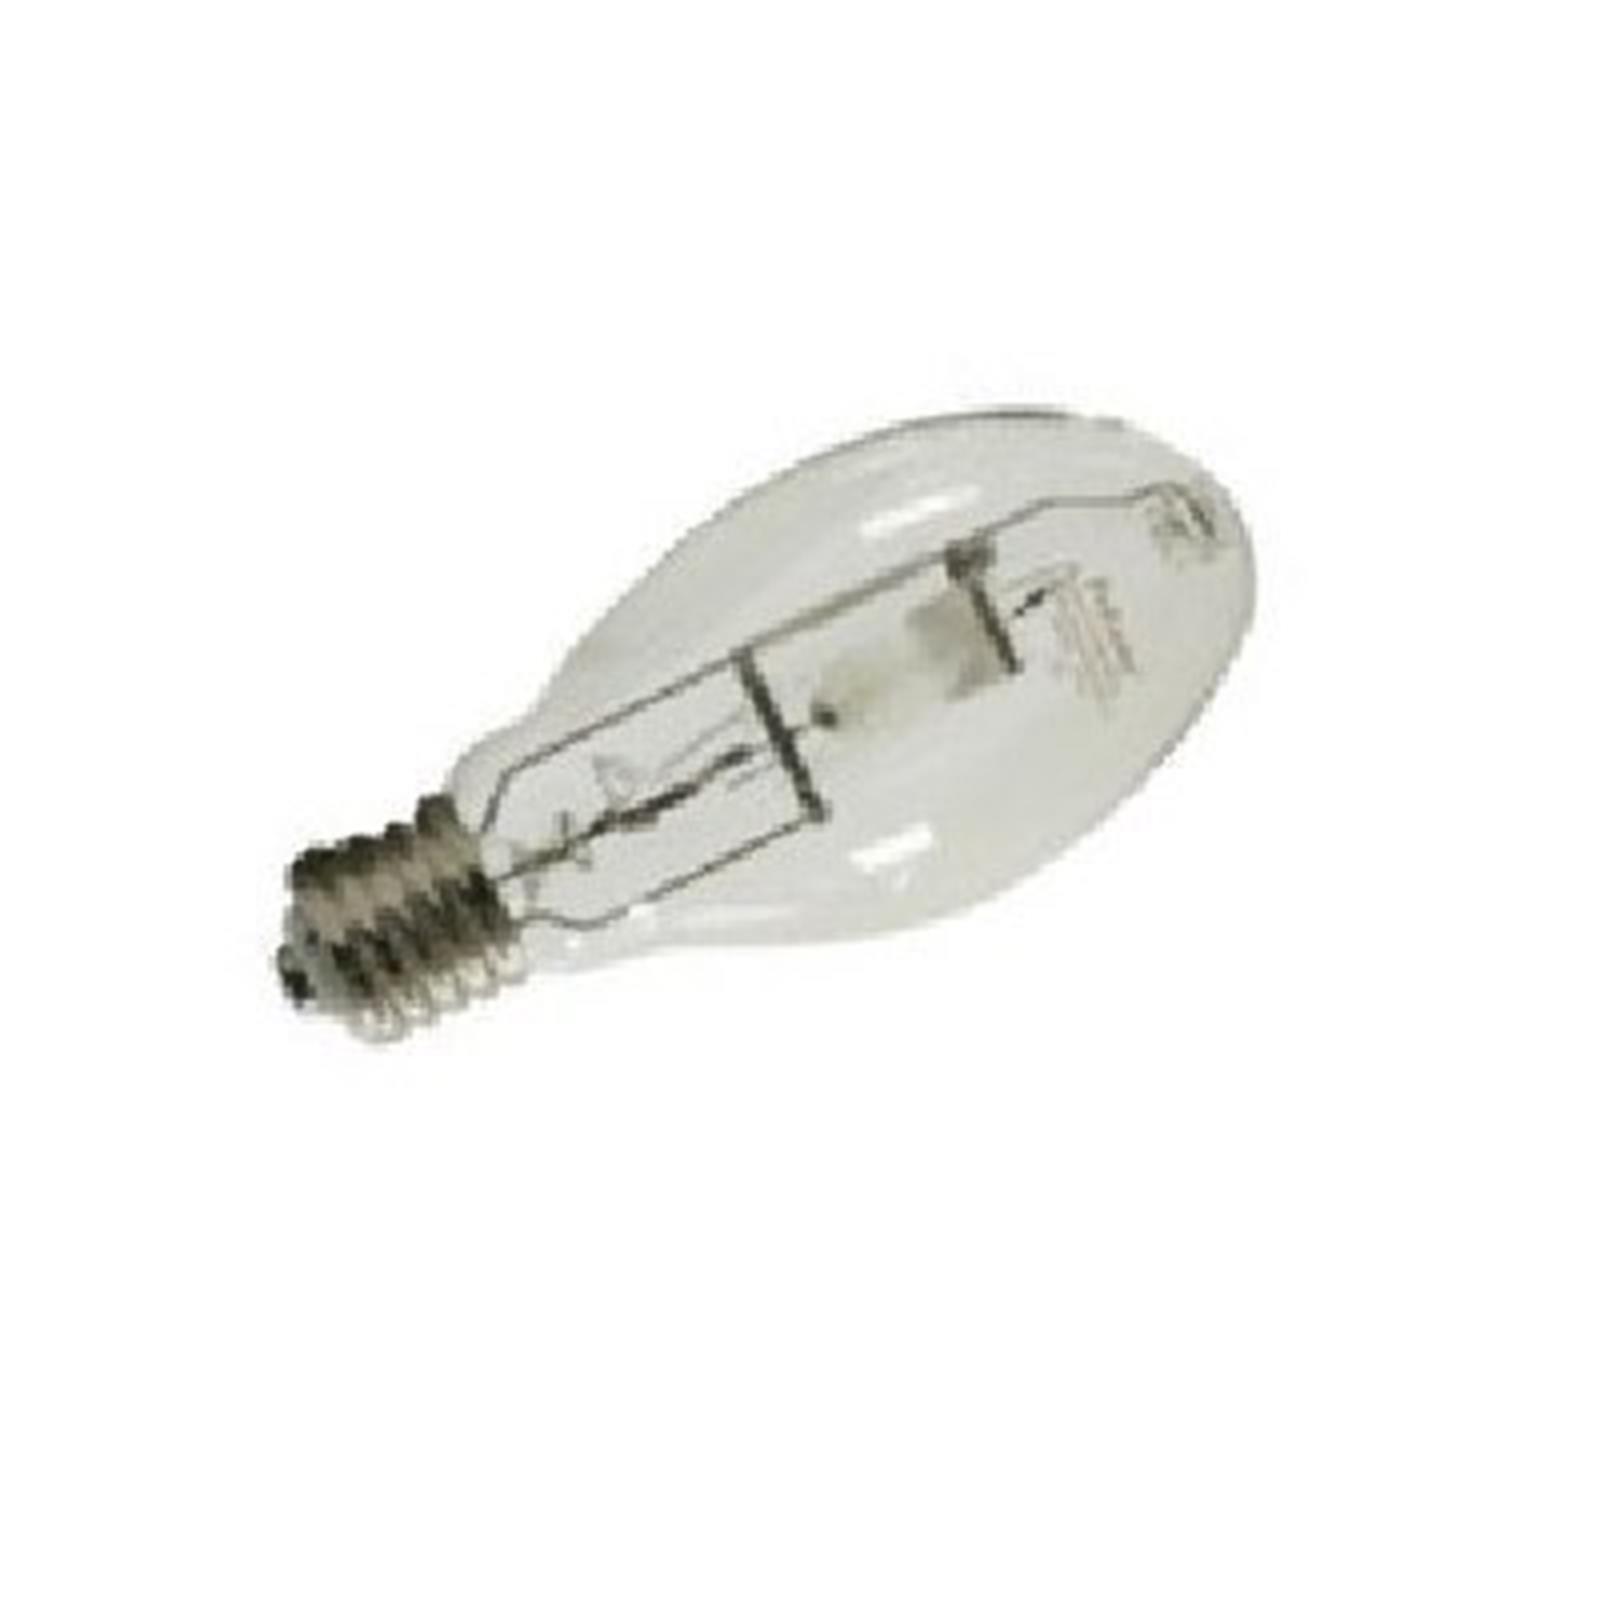 Halco Lighting Technologies MH400/U/PS Prolume PAR20FL7/927/W/LED 60011 400W MH ED37 Mog PS UN2911